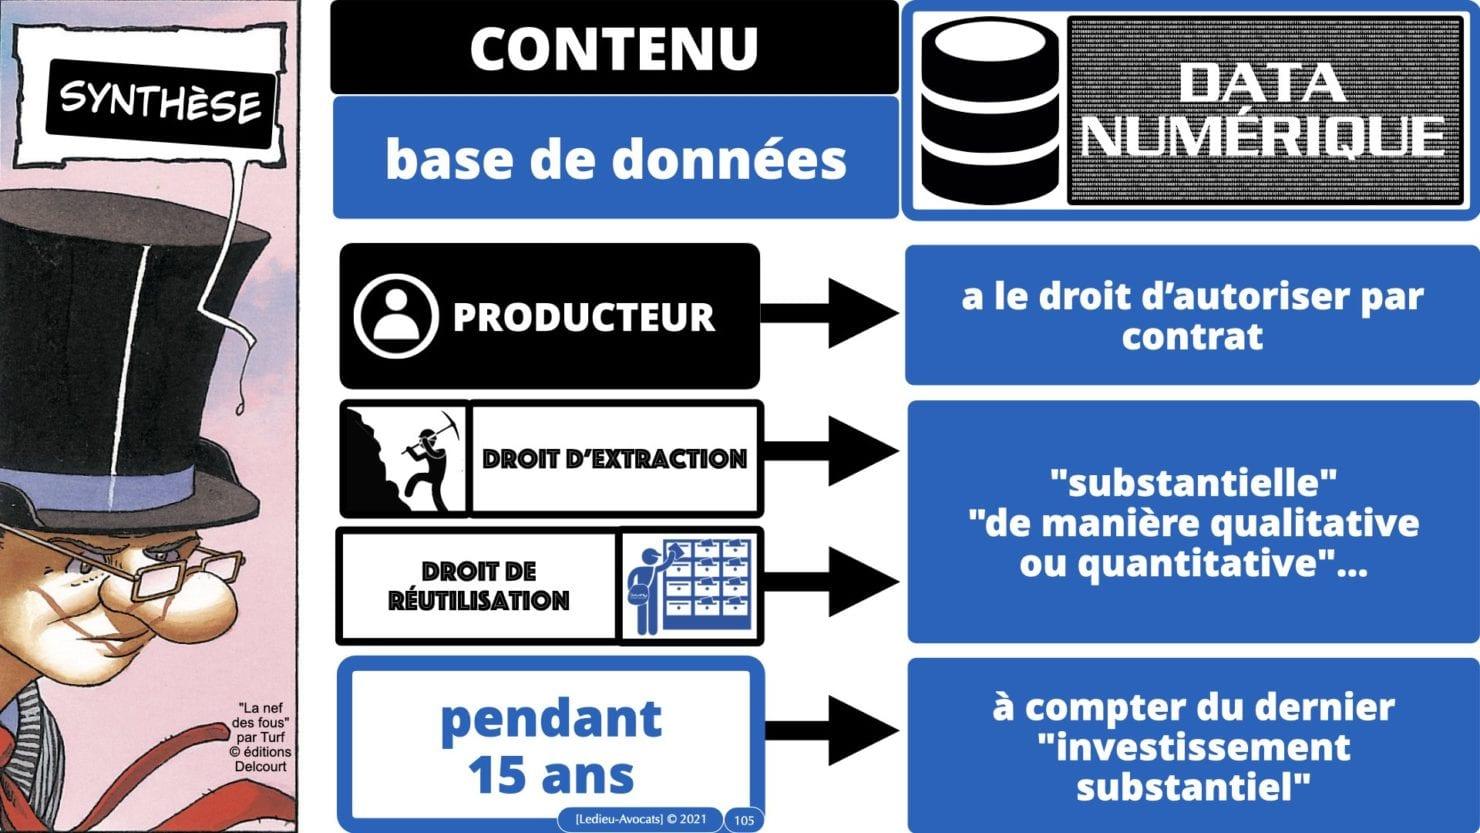 334 extraction indexation BASE DE DONNEES © Ledieu-avocat 24-05-2021.105